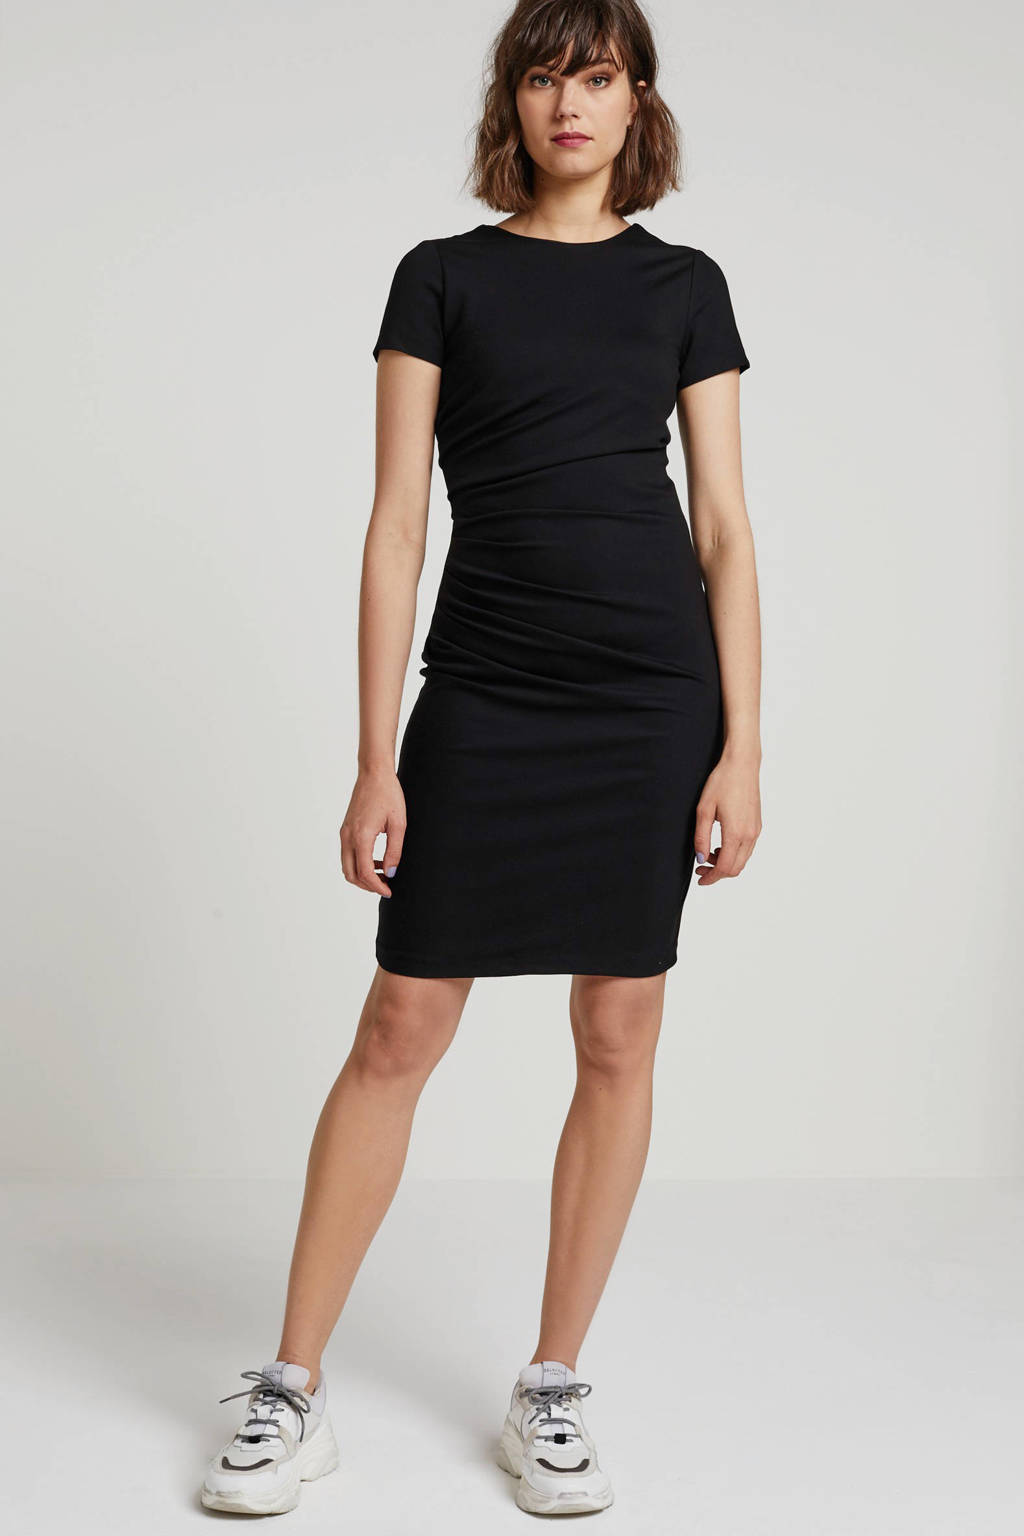 Y.A.S jurk zwart, Zwart